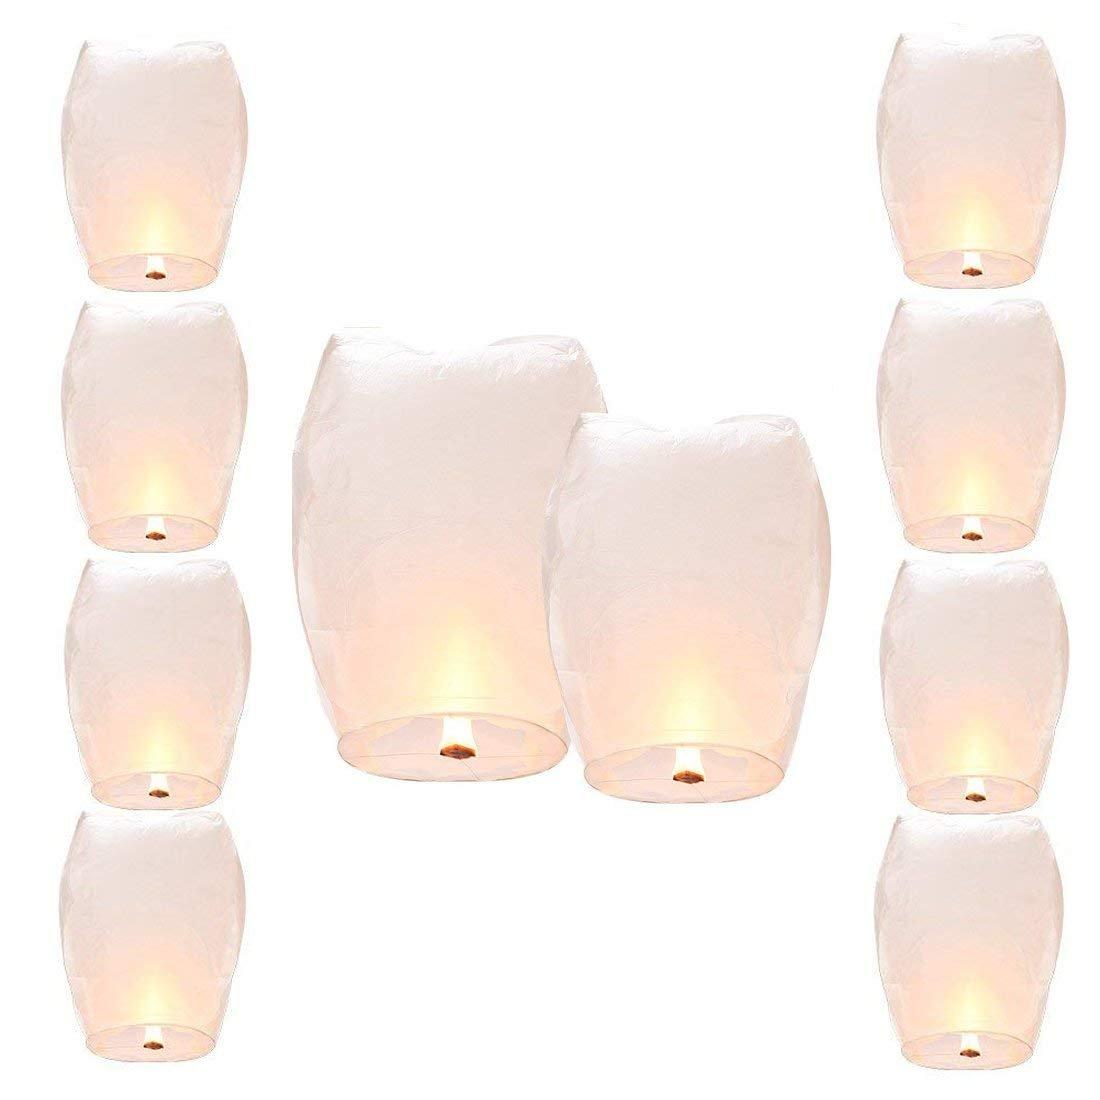 Chinese Sky Lanterns- 10PK White Paper Lanterns-Sky Lanterns- for Weddings- Memorial Lantern to Release in Sky- Paper Lantern Sky- Flying Paper Lantern- Chinese Lanterns- Biodegradable-